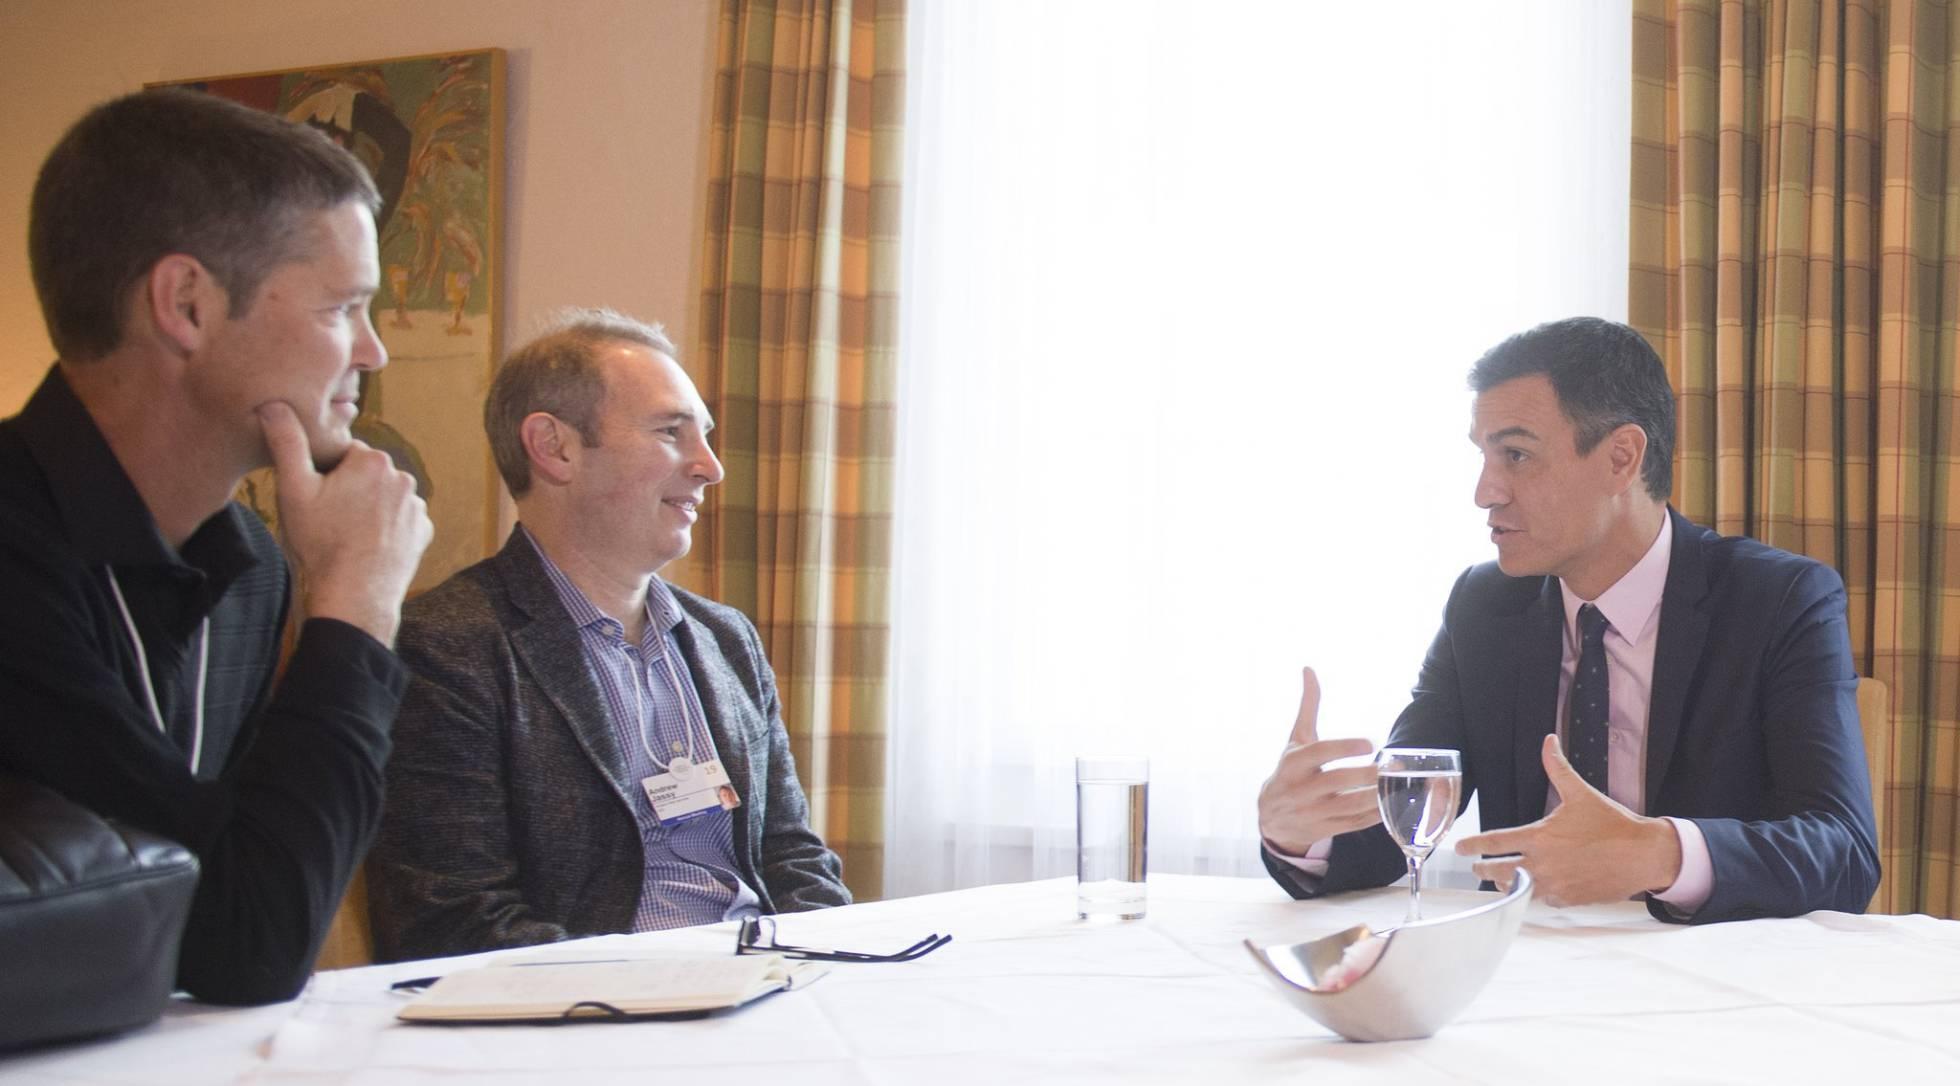 Conversoación de Pedro Sanchez con Amazon promoviendo el progreso tecnológico en España